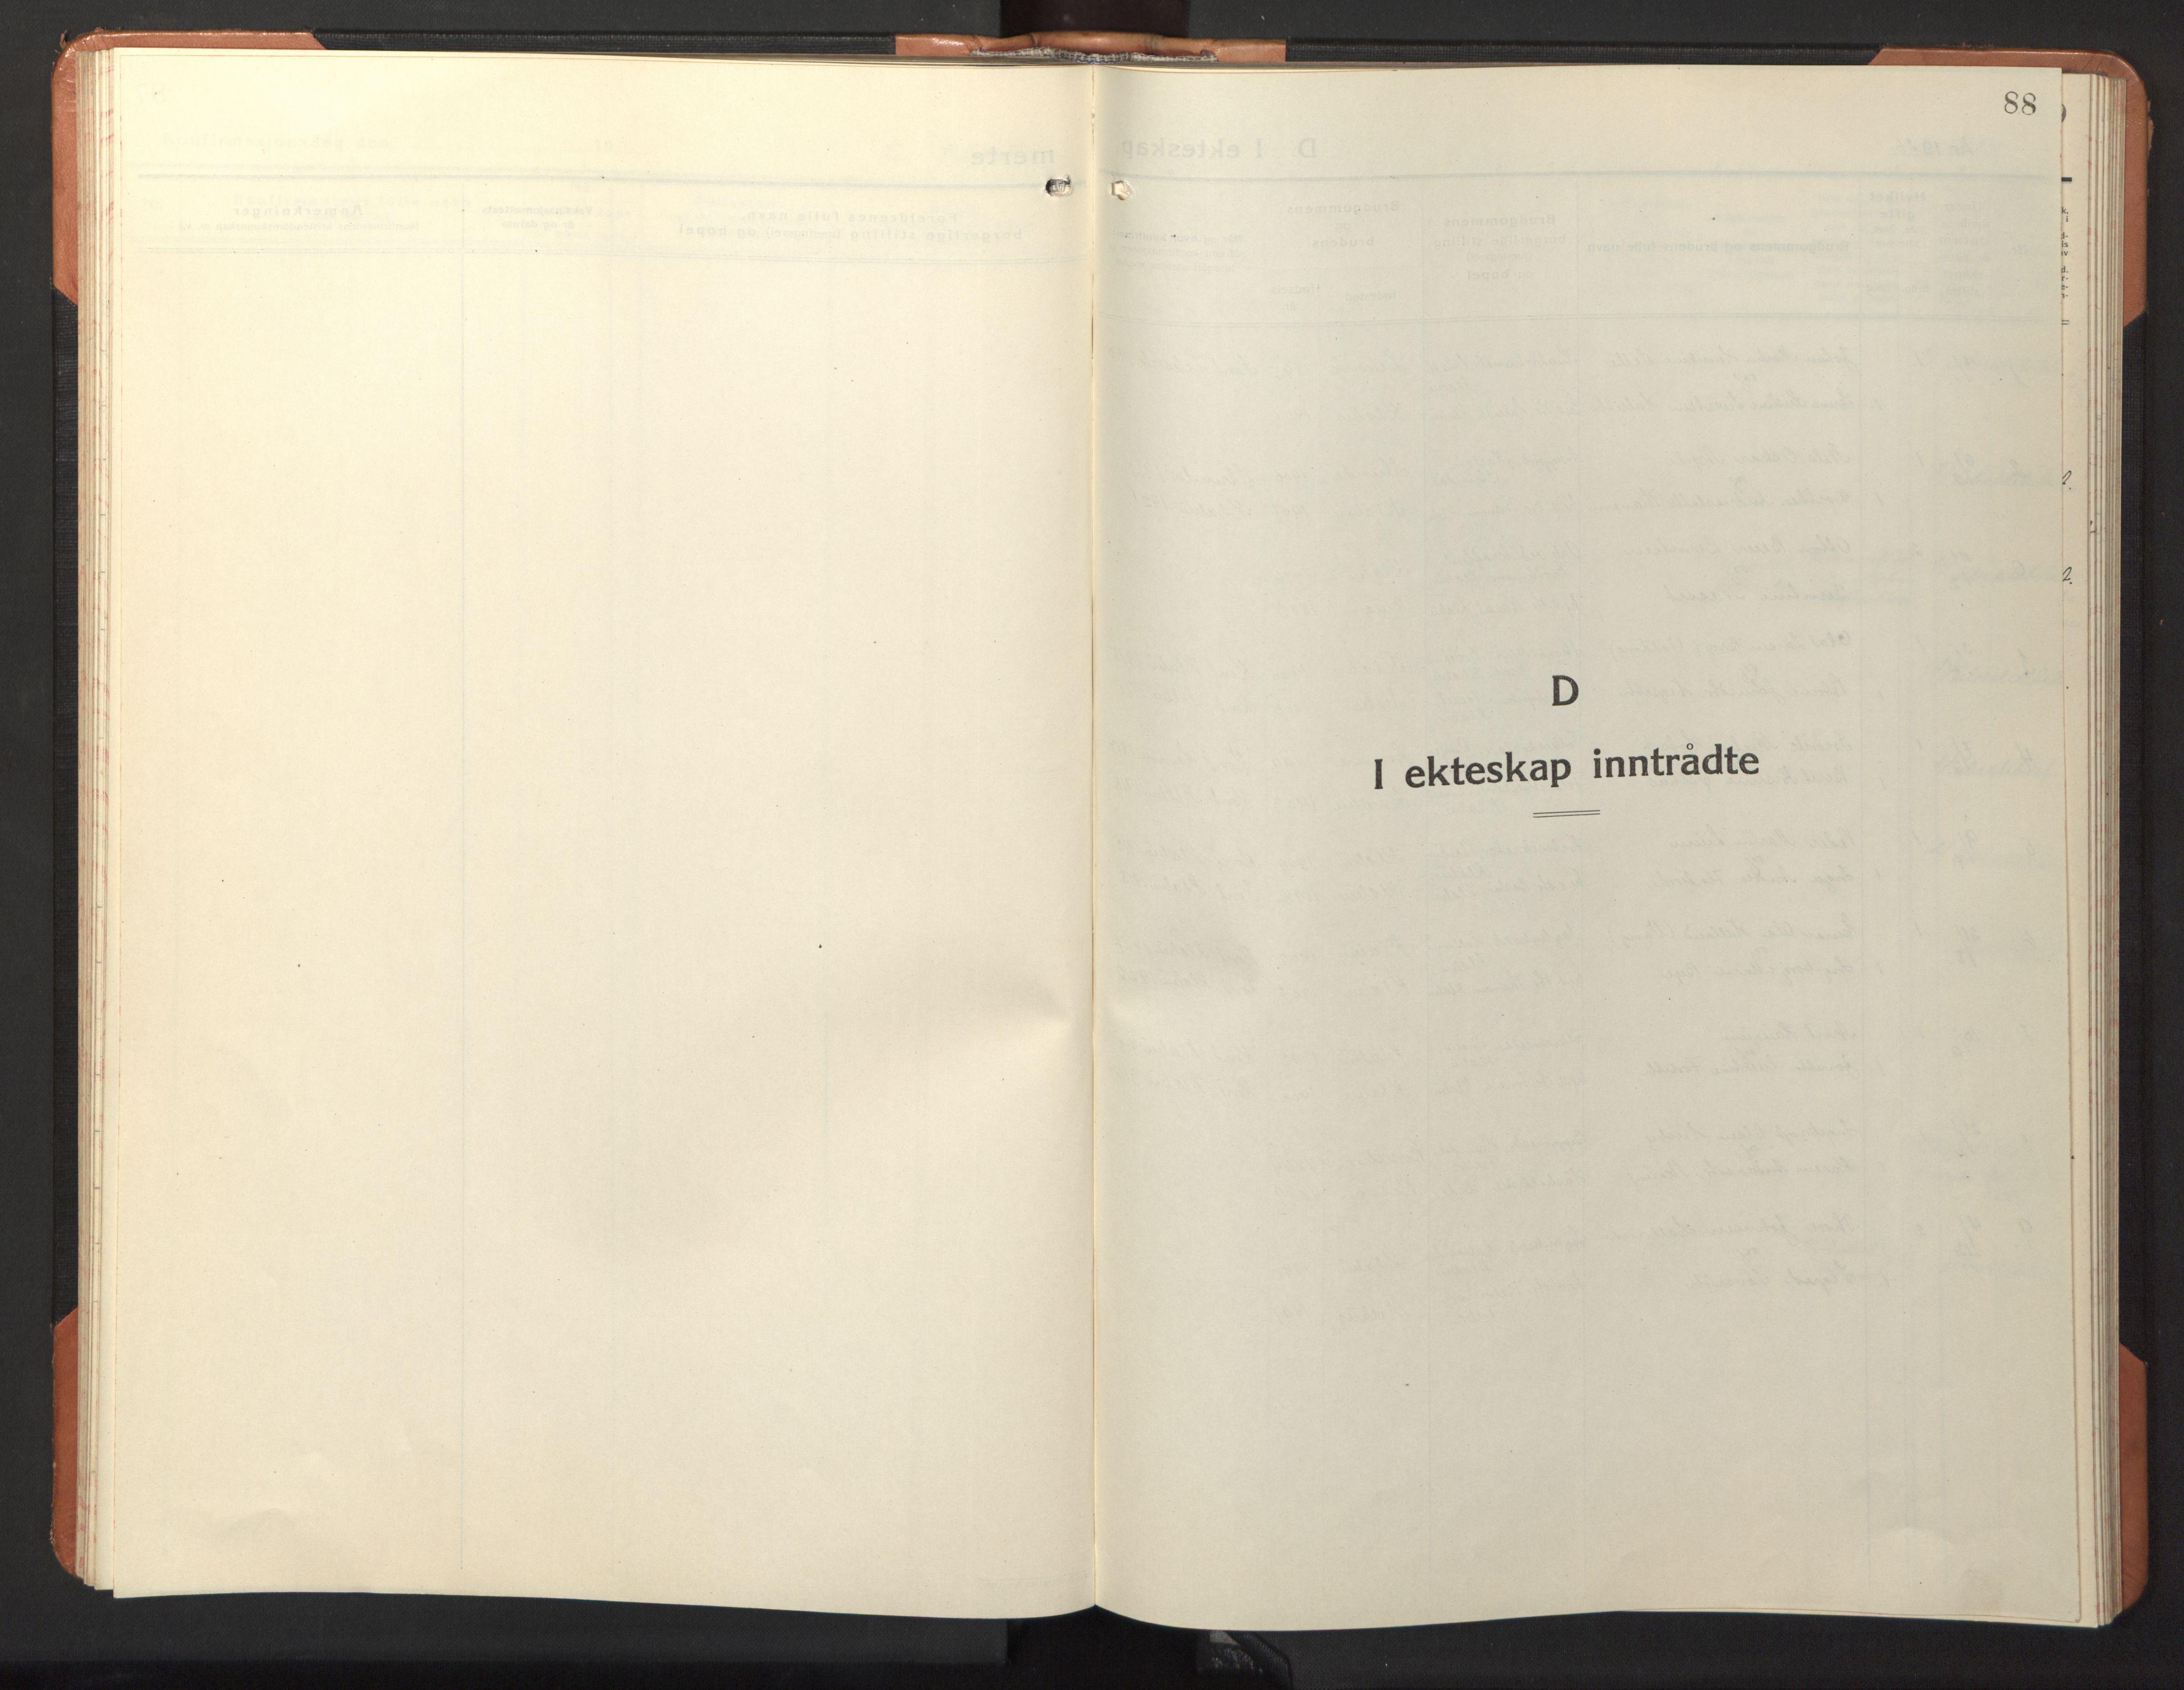 SAT, Ministerialprotokoller, klokkerbøker og fødselsregistre - Sør-Trøndelag, 618/L0454: Klokkerbok nr. 618C05, 1926-1946, s. 88